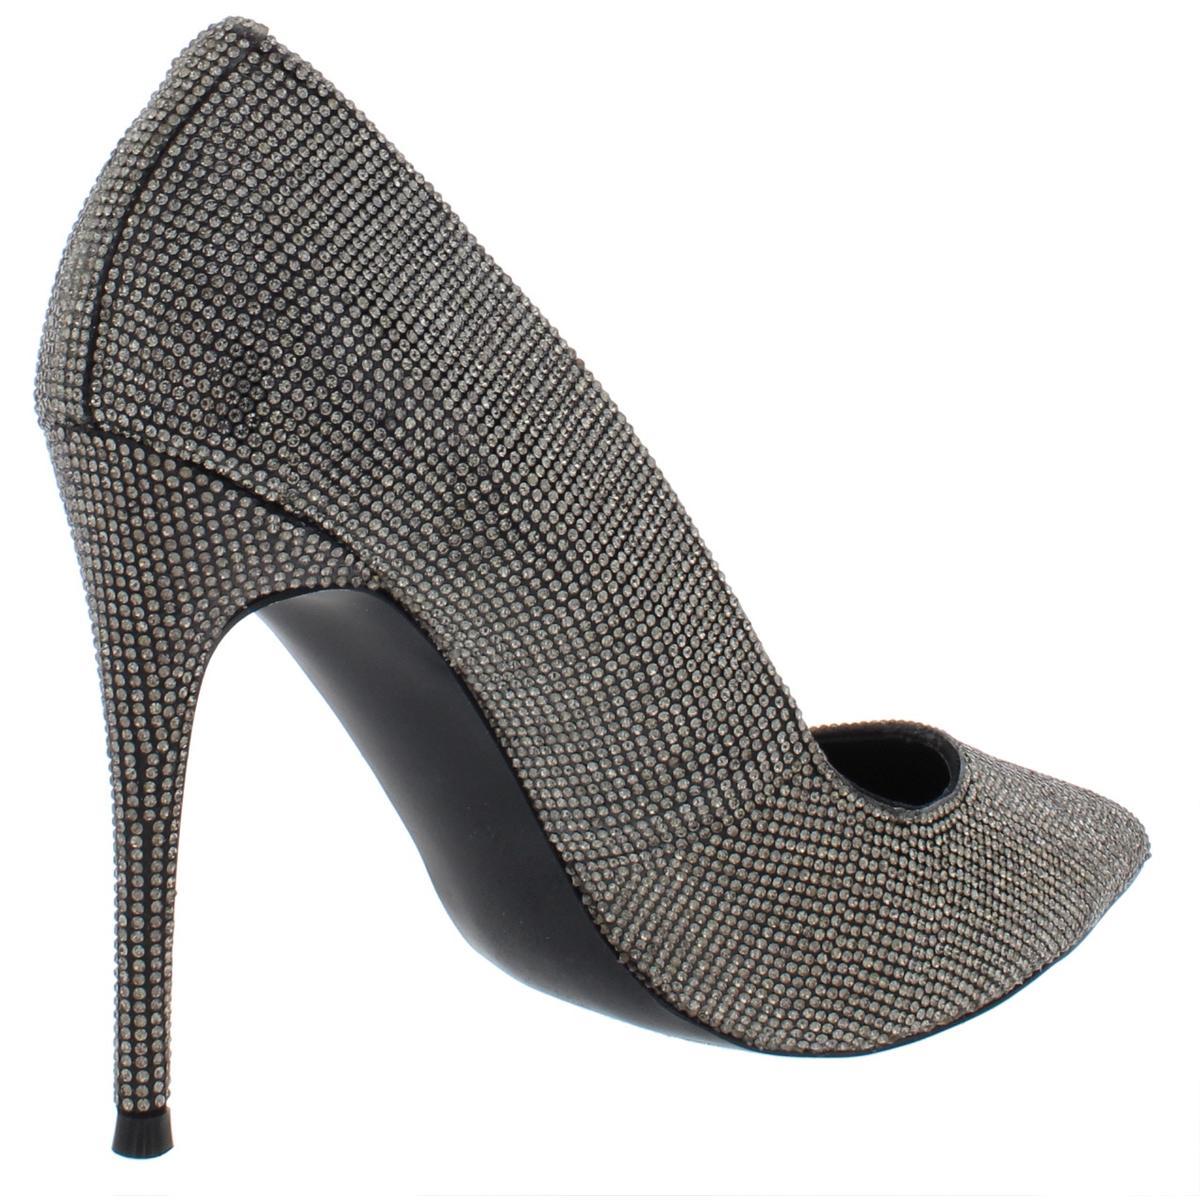 Steve-Madden-Womens-Daisie-Evening-Heels-Shoes-BHFO-4616 thumbnail 6